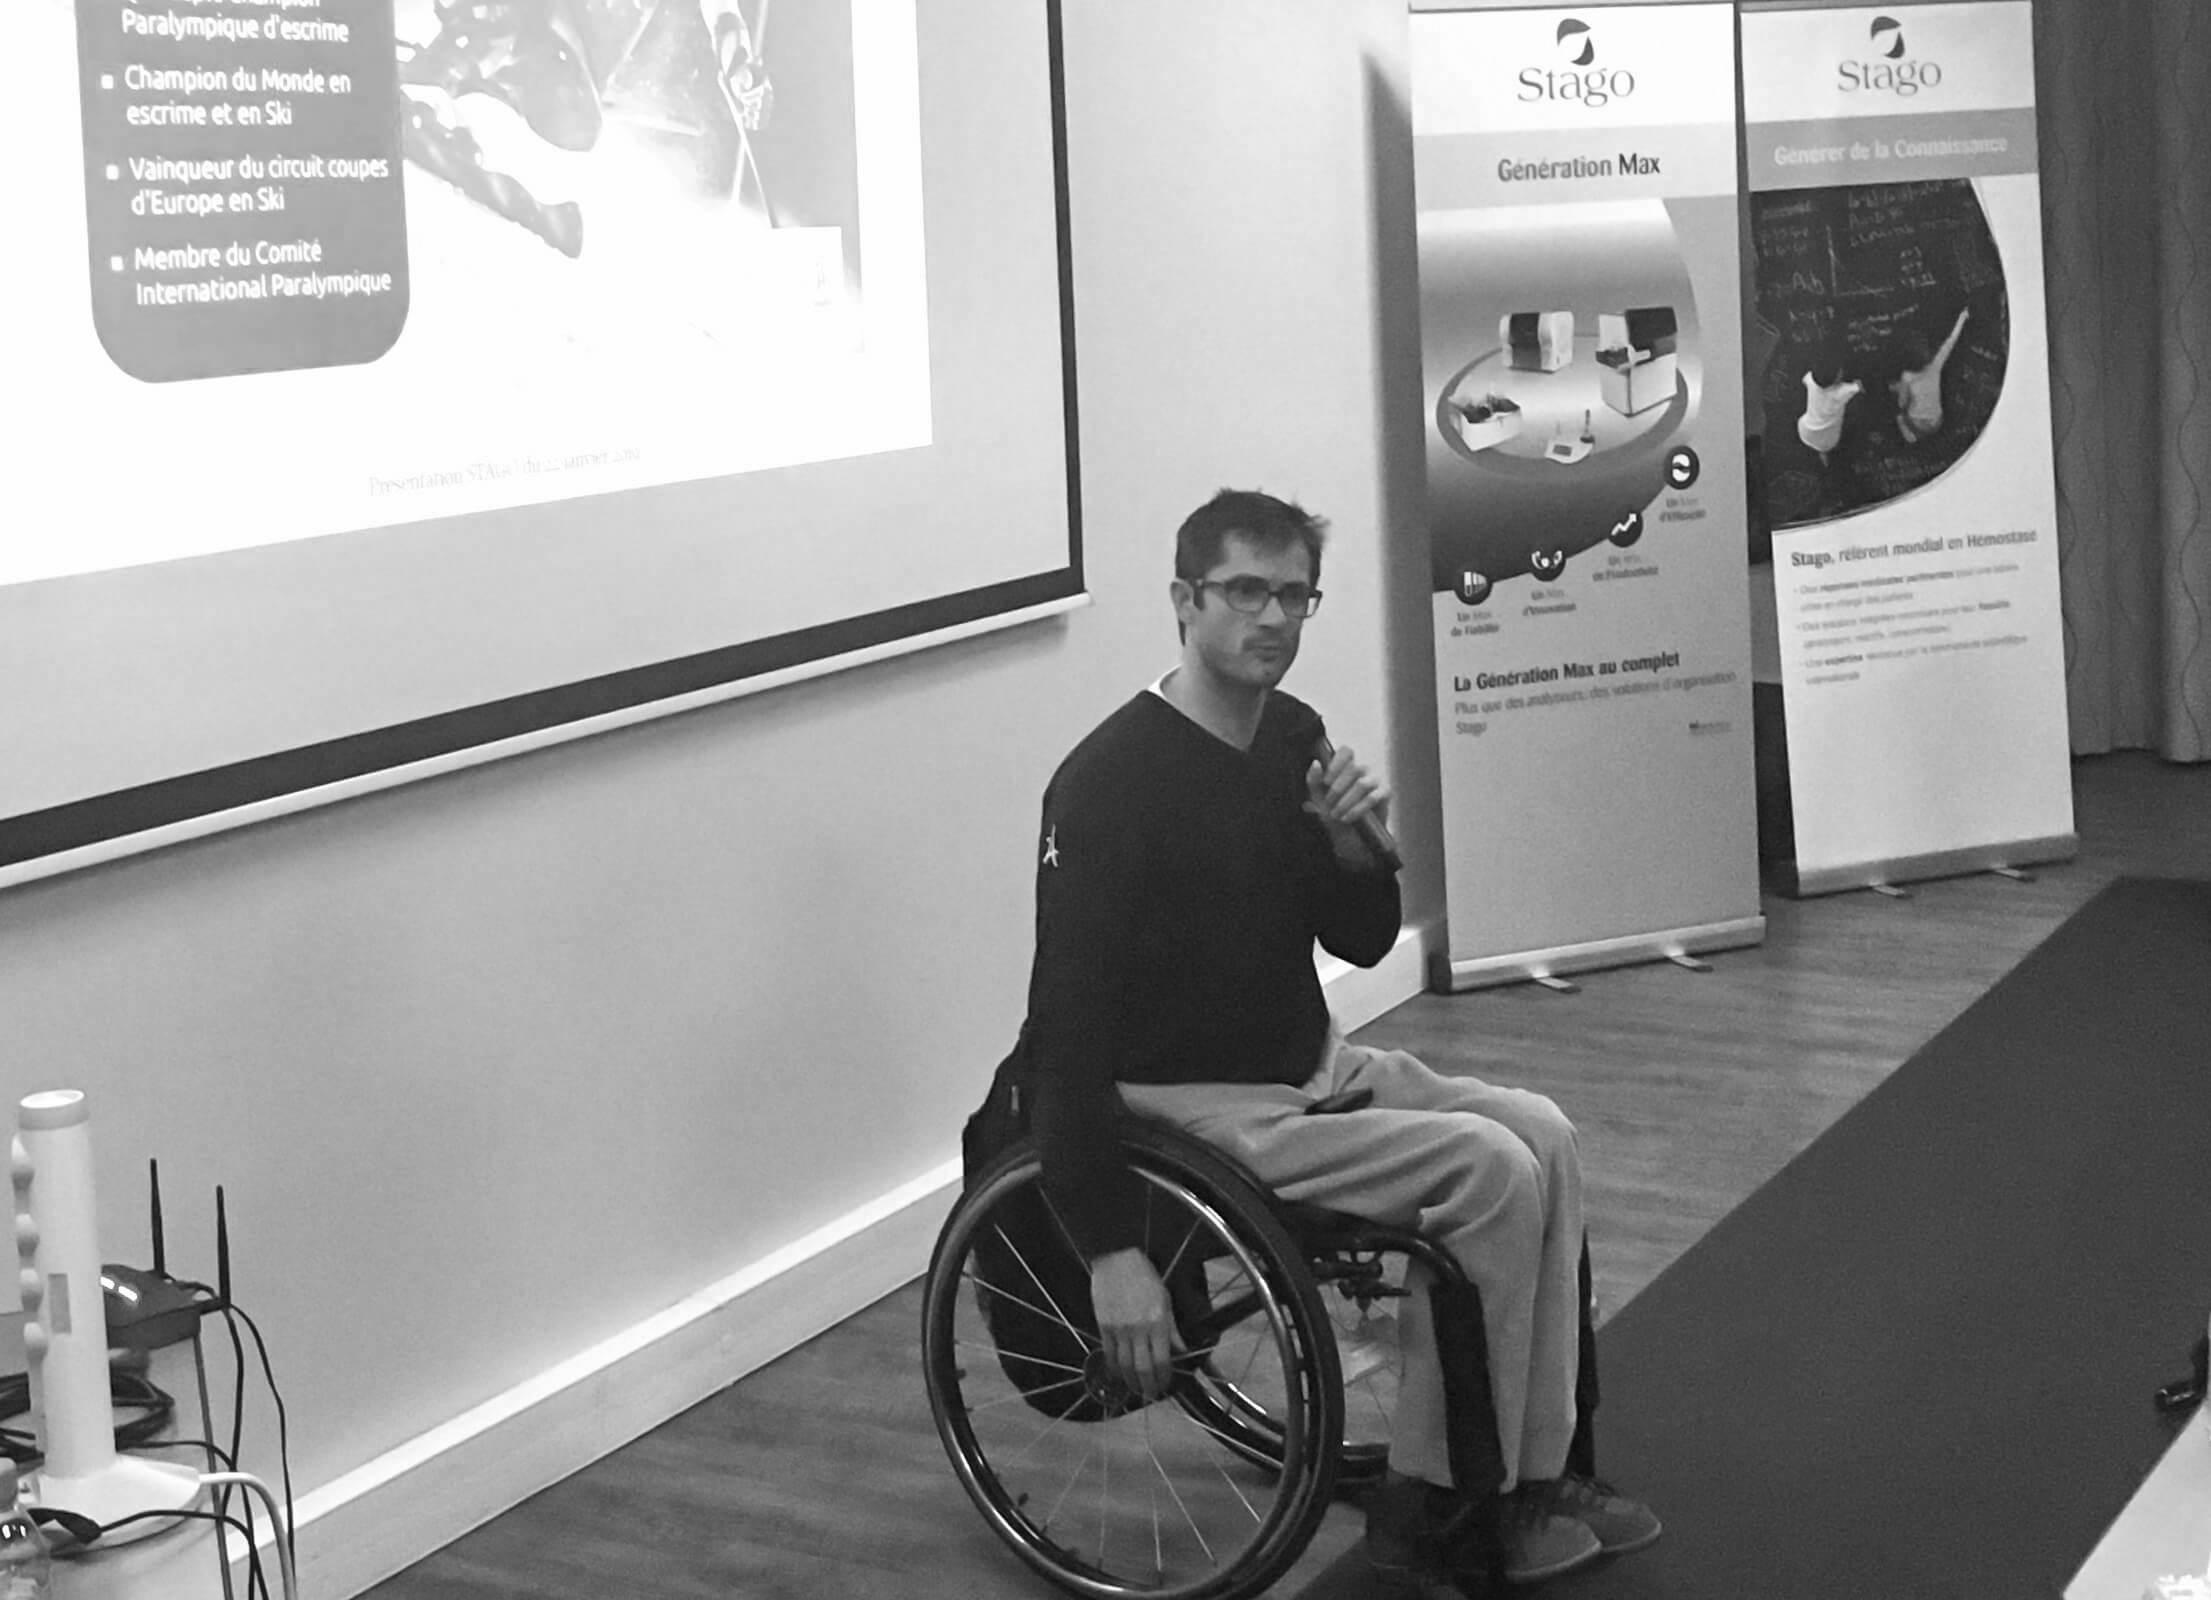 Conférence Handicap Cyril moré